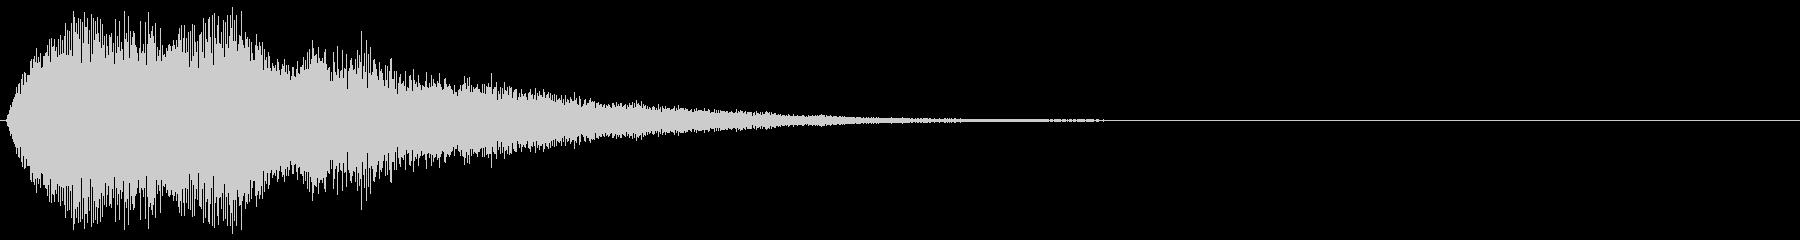 ブアンフワーン(トピック、テーマ、治癒)の未再生の波形